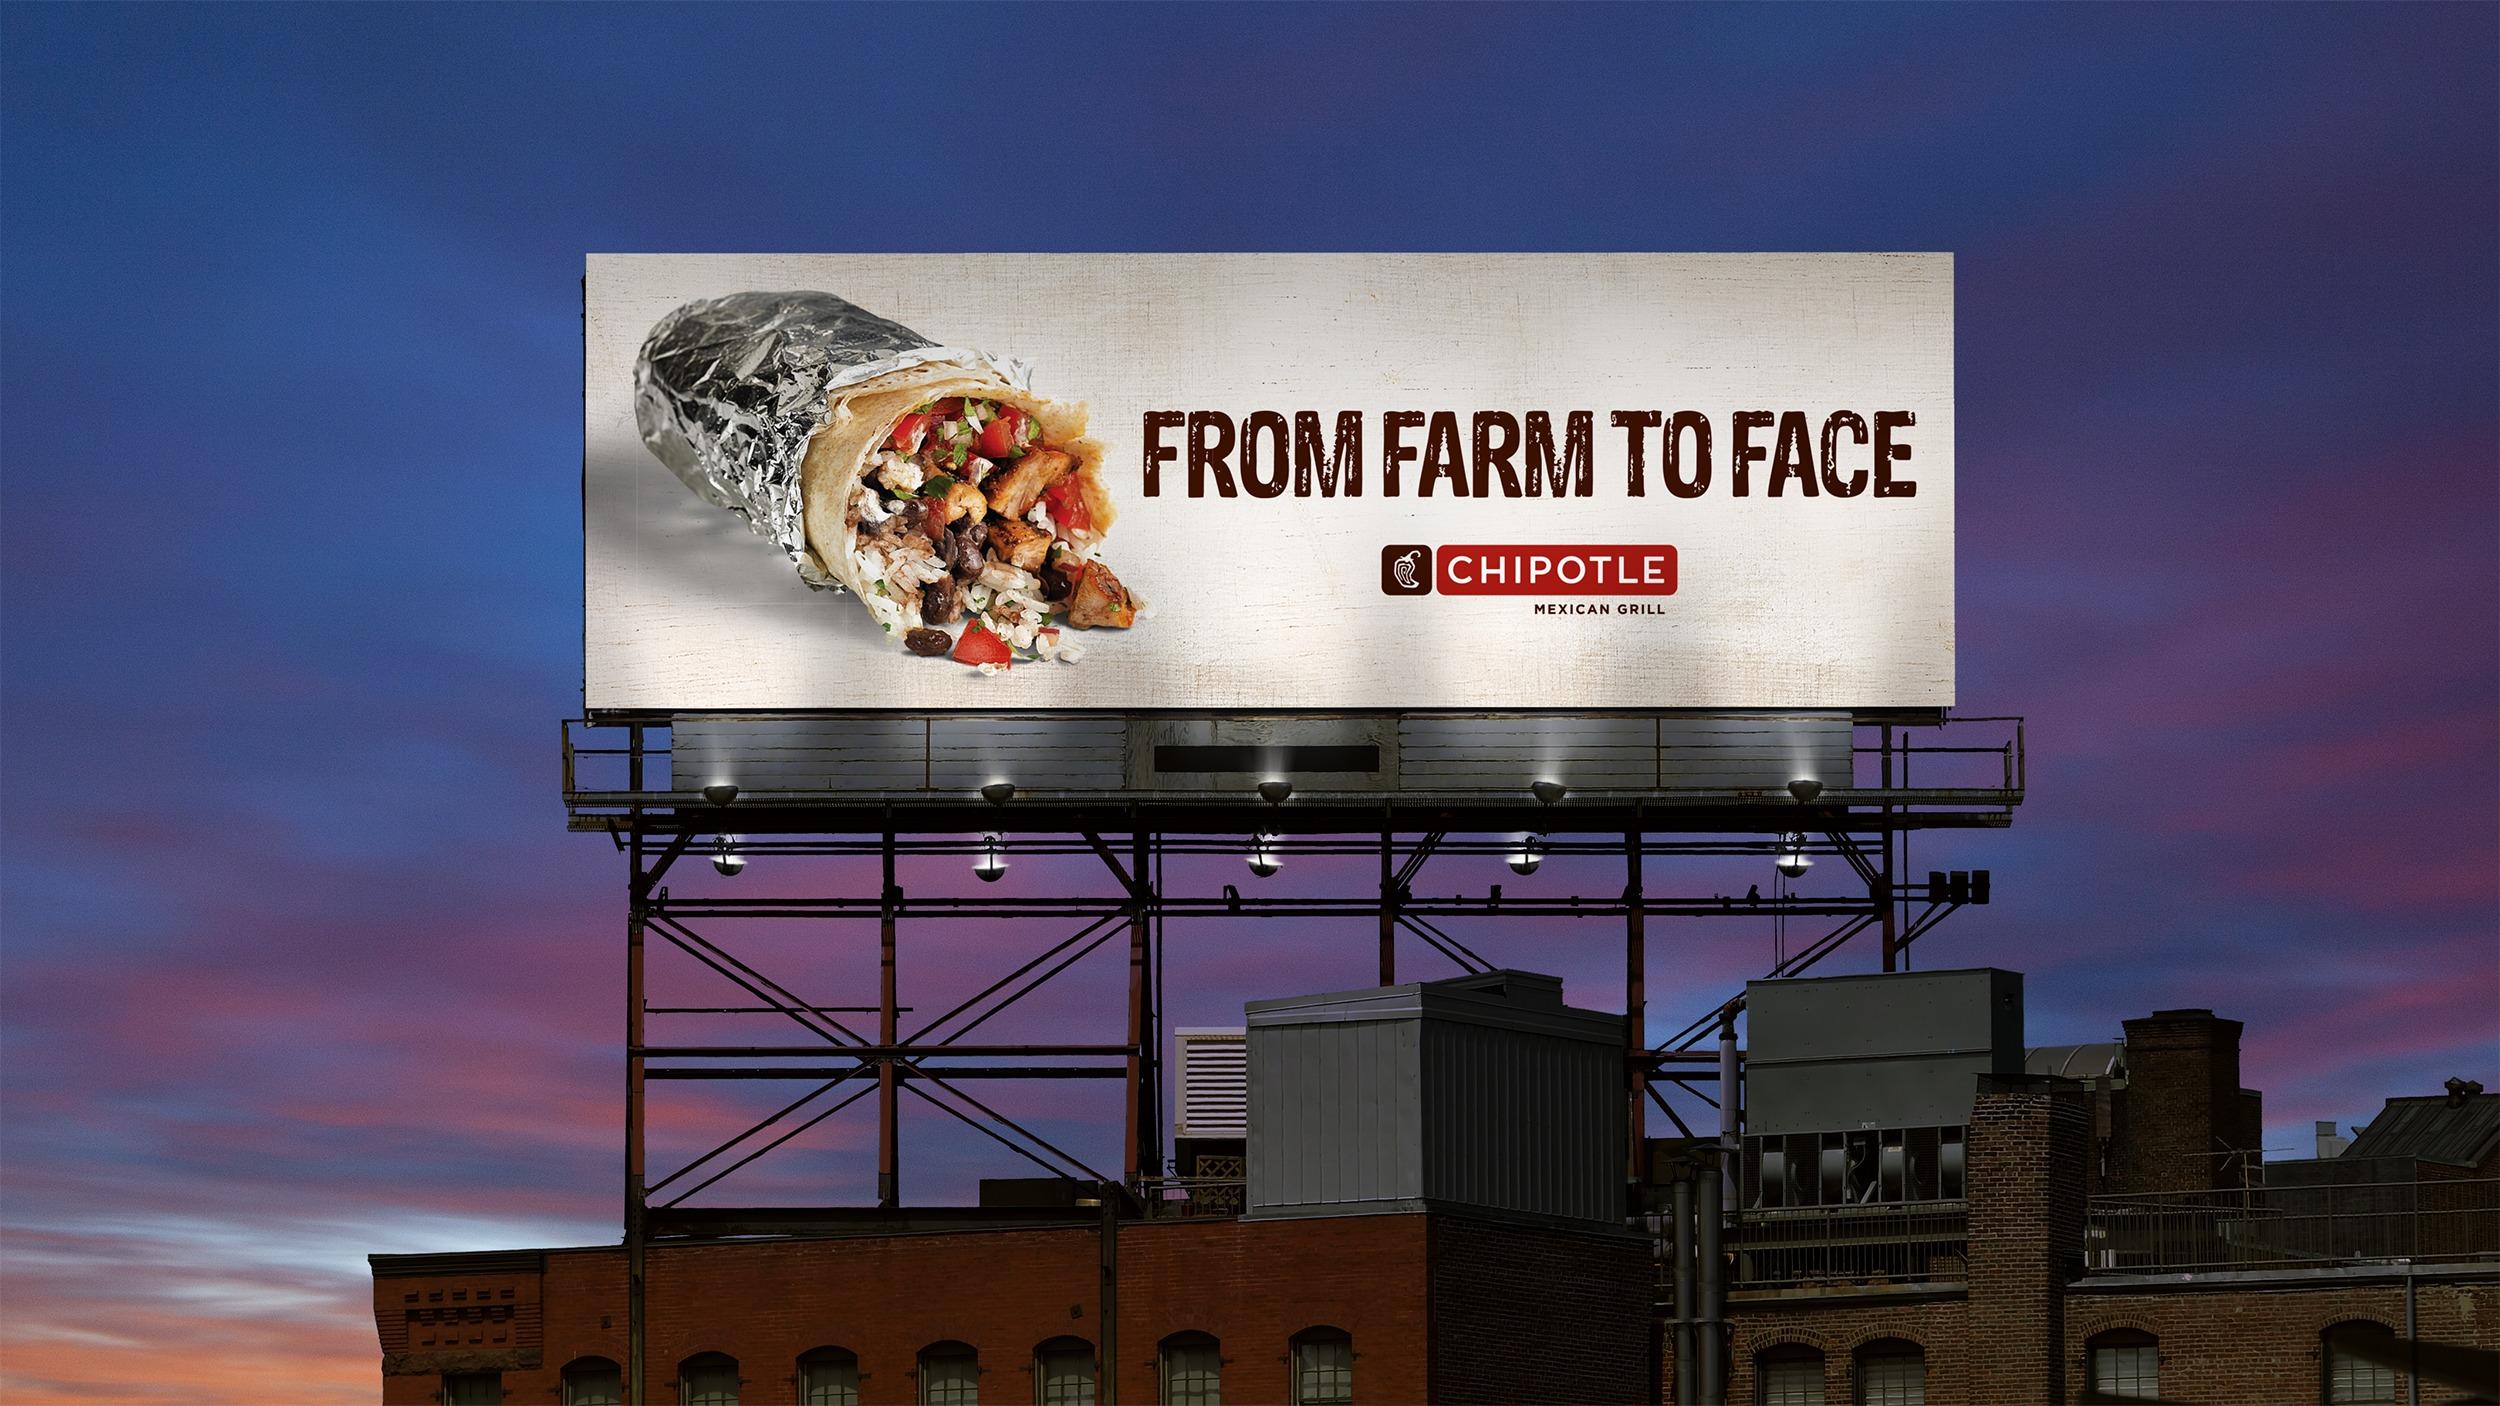 Chipotle billboard